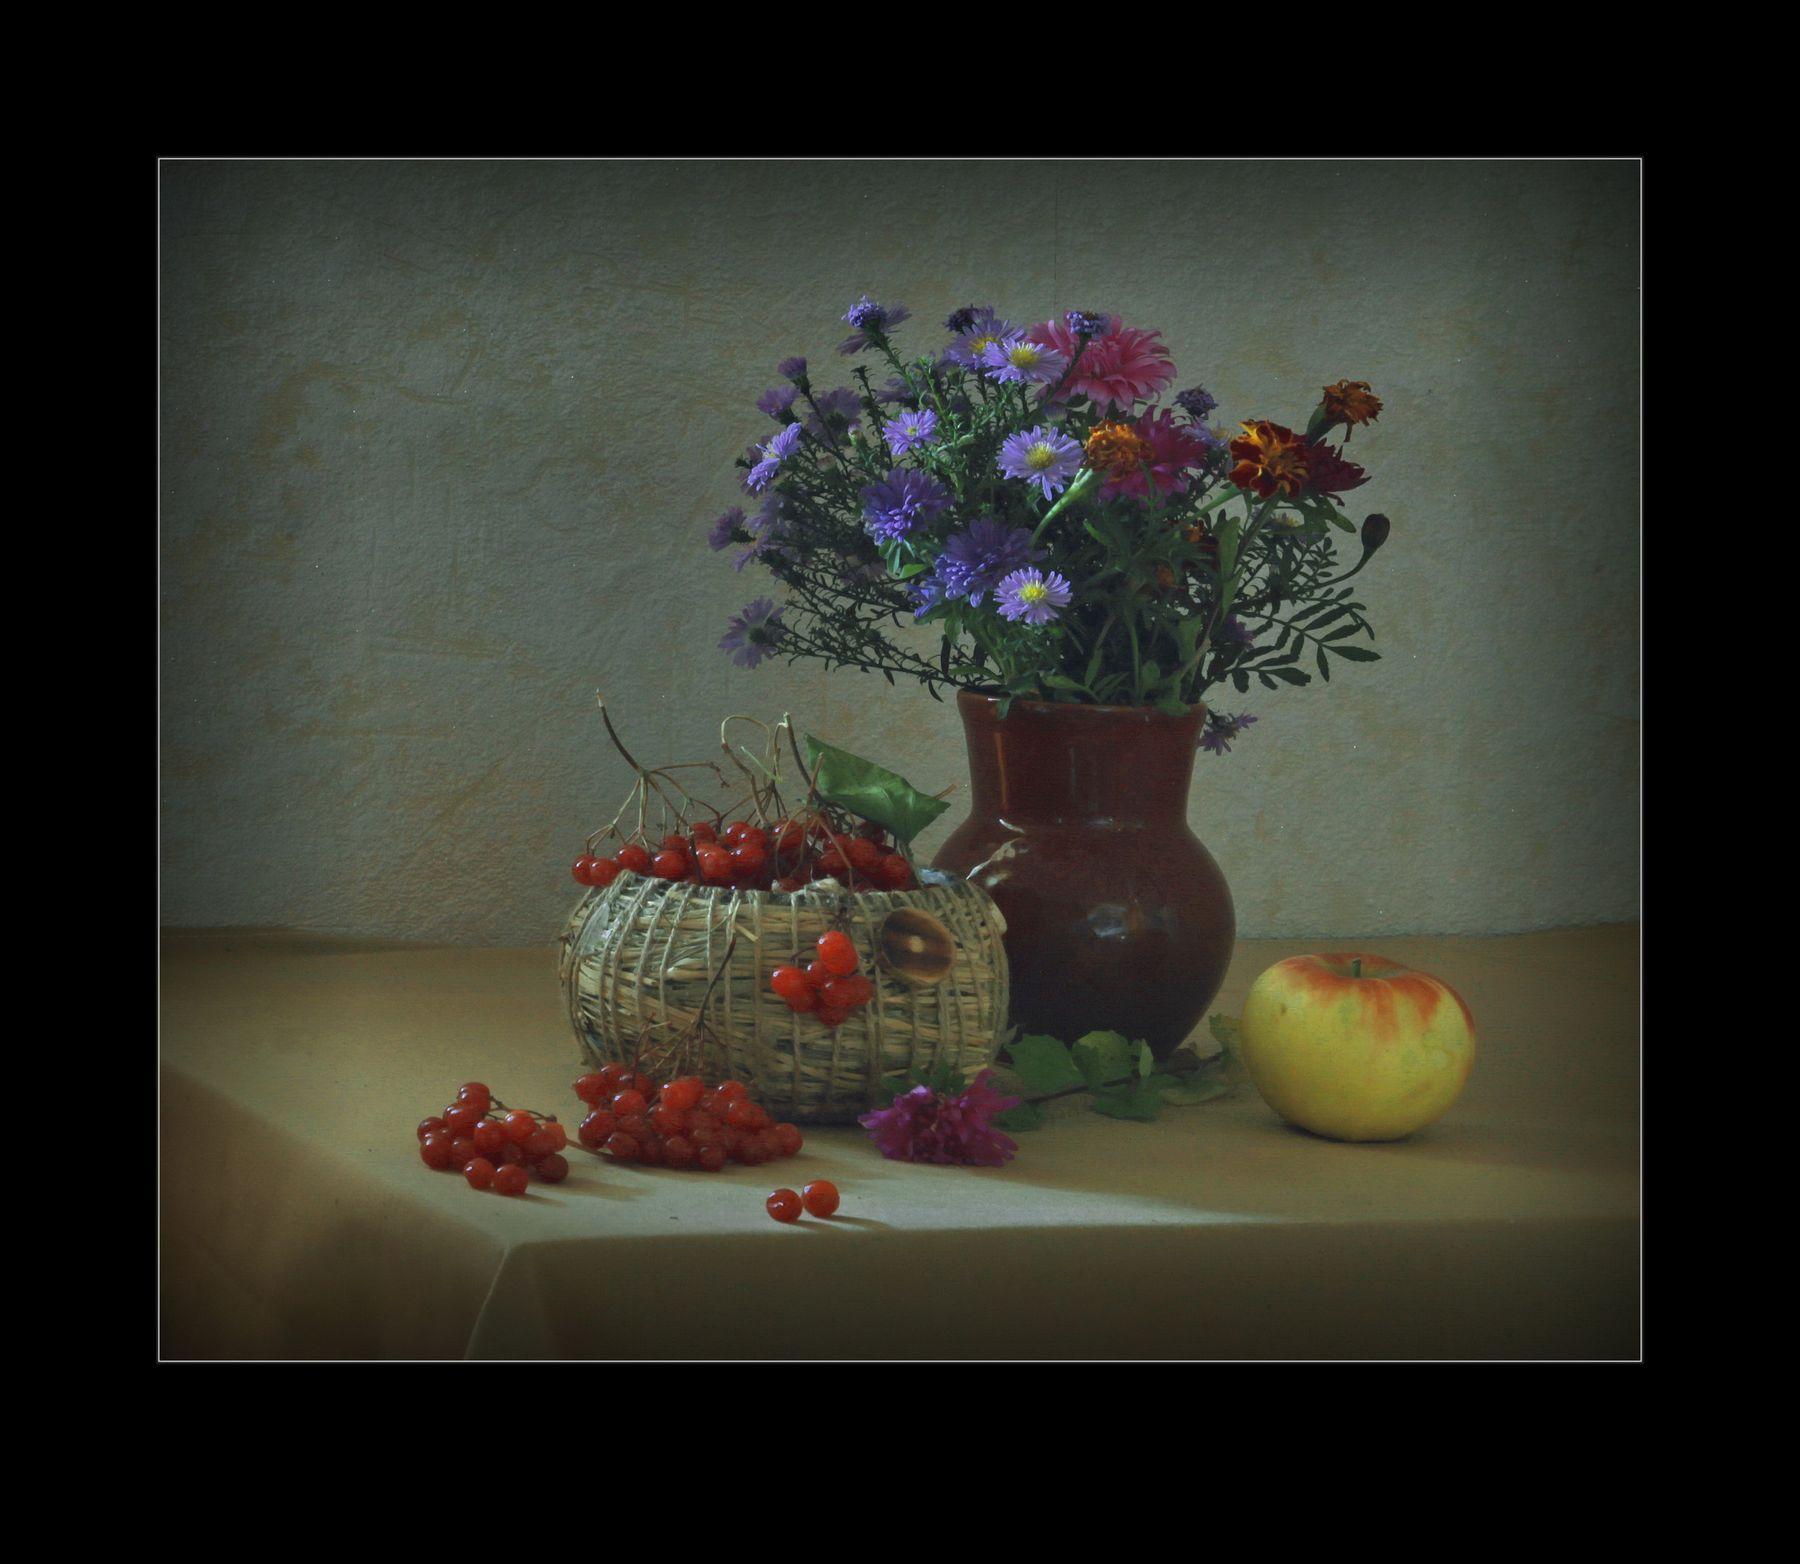 Калина красная.... натюрморт жанр фотография композиция свет